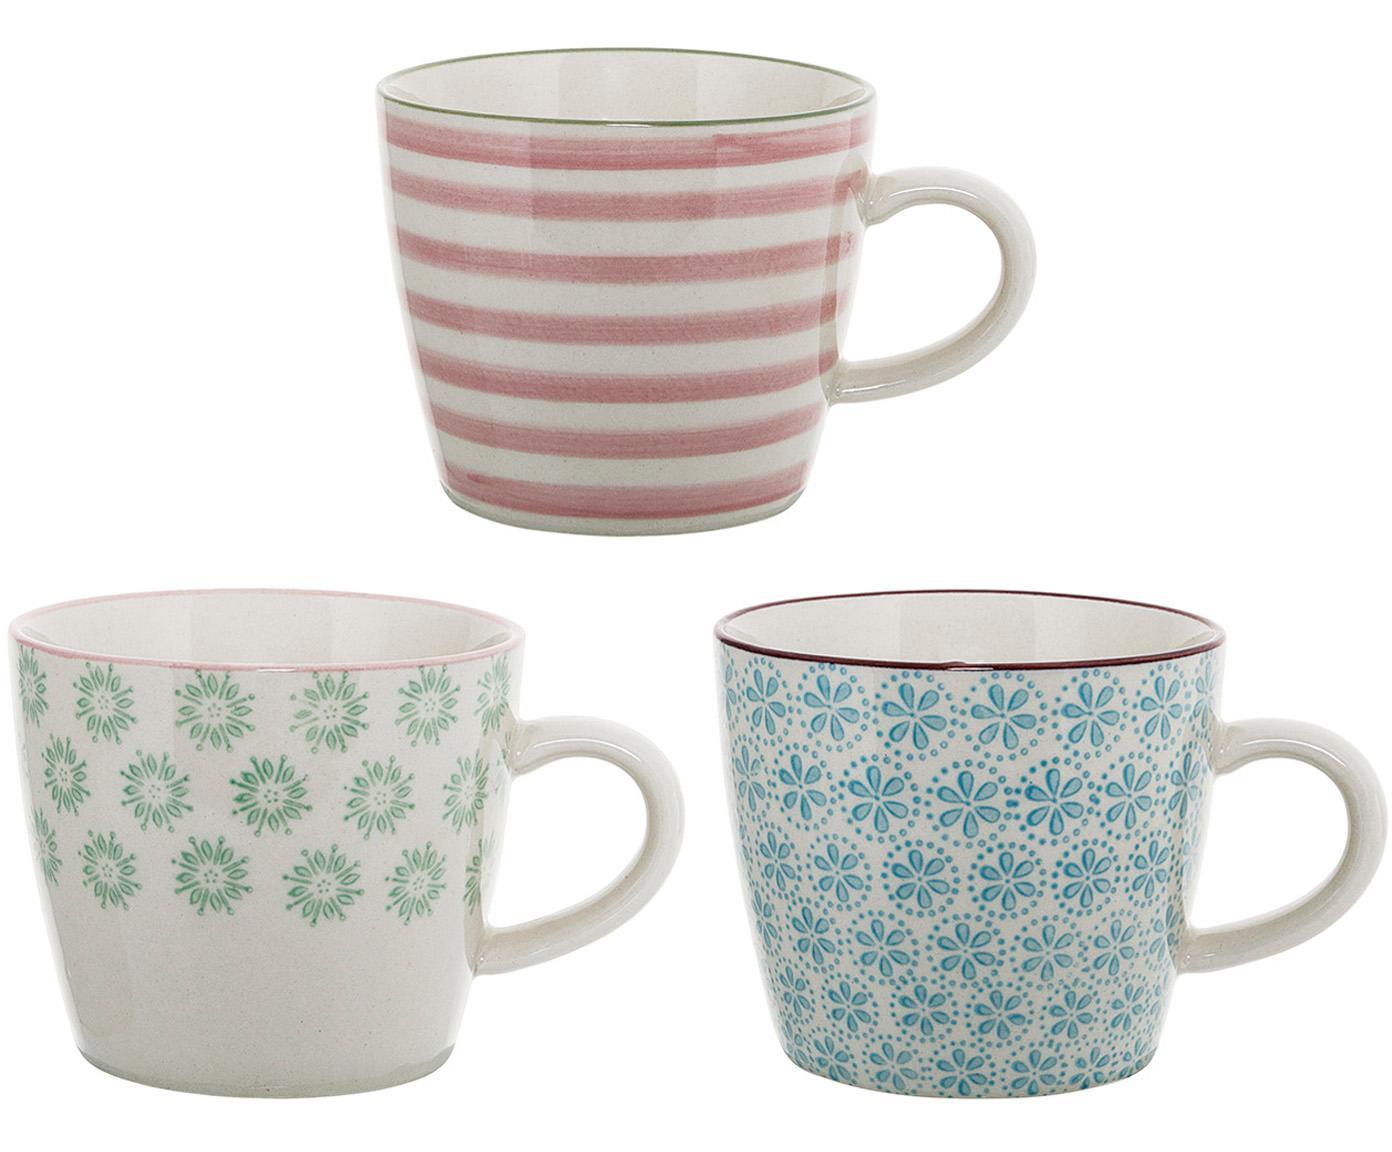 Komplet kubków Patrizia, 3 elem., Kamionka, Biały, zielony, niebieski, czerwony, Ø 10 x W 8 cm